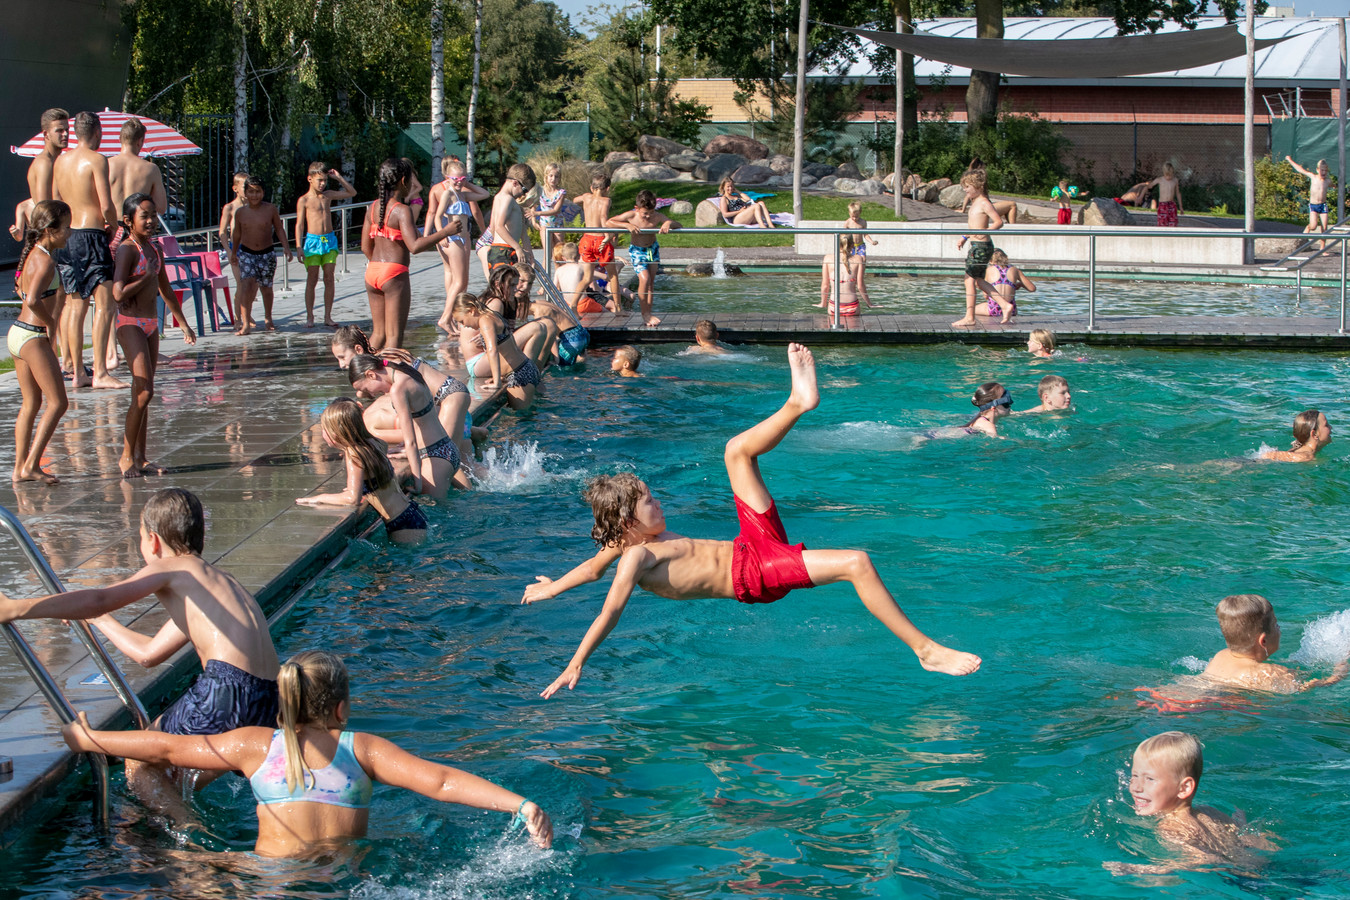 Buitenbad zwembad de Peppel is weer open wegens het warme weer.